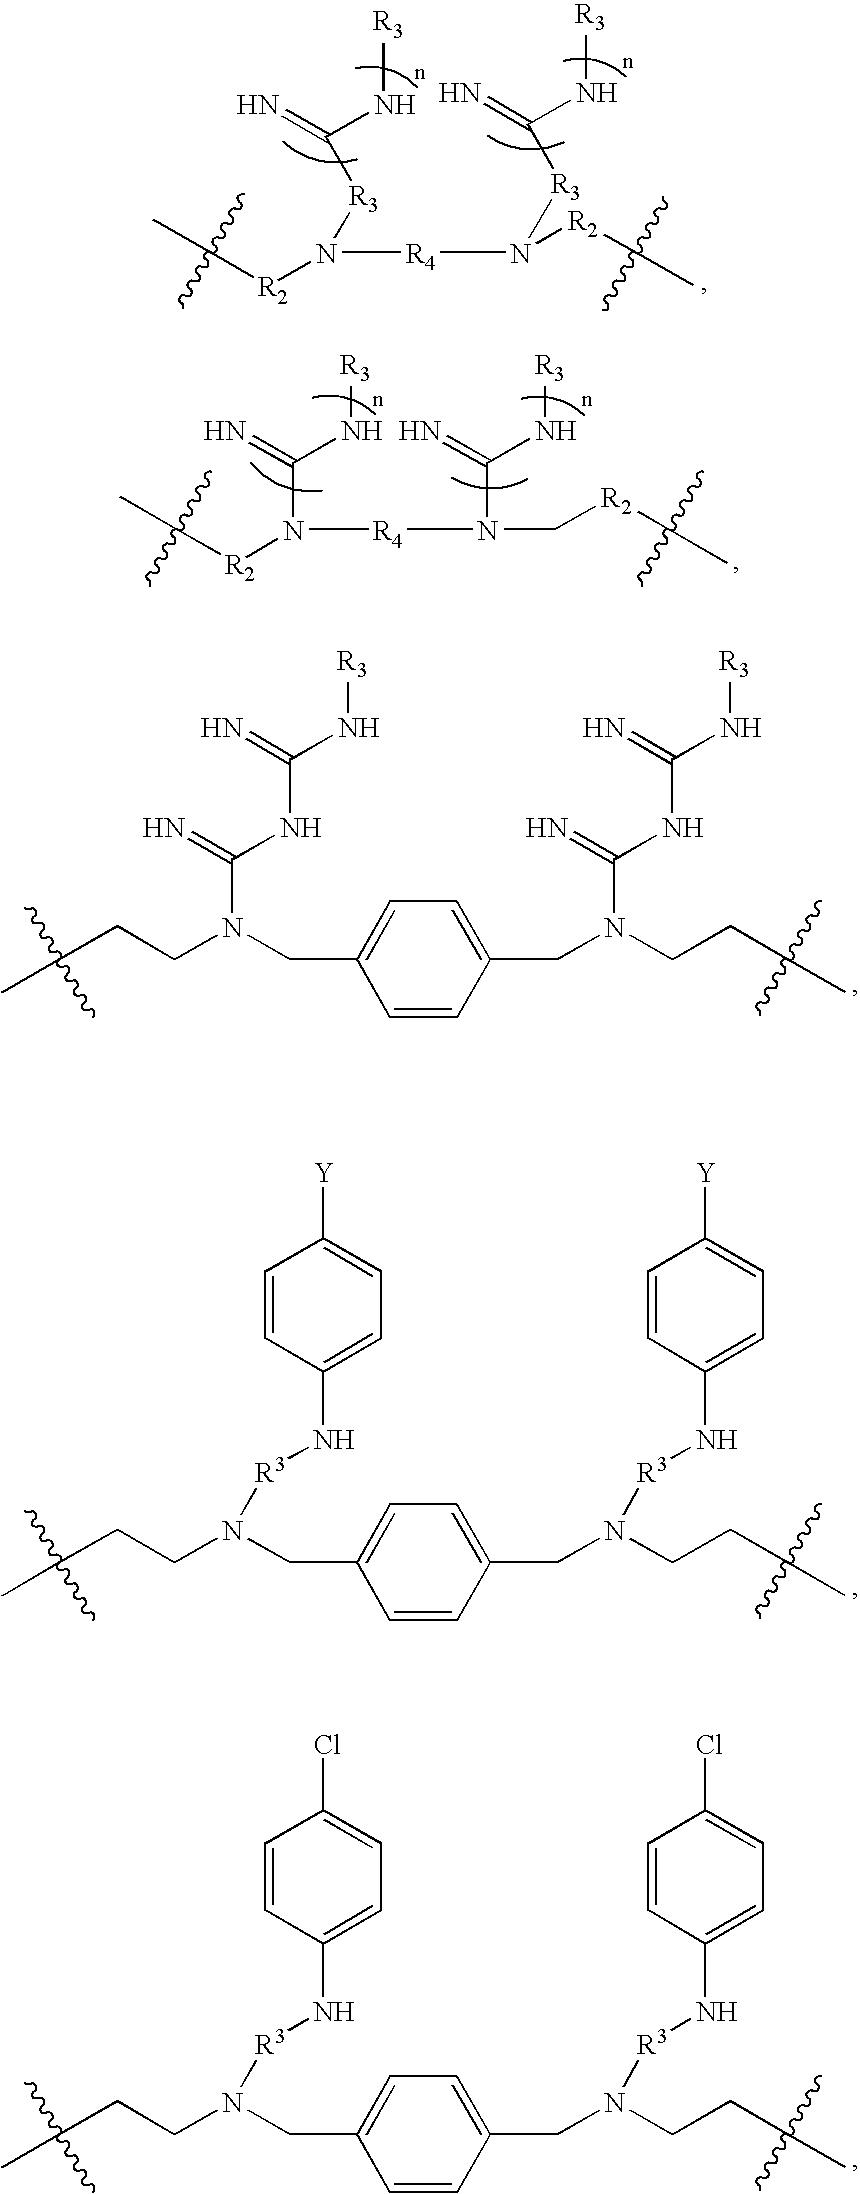 Figure US20090074833A1-20090319-C00003